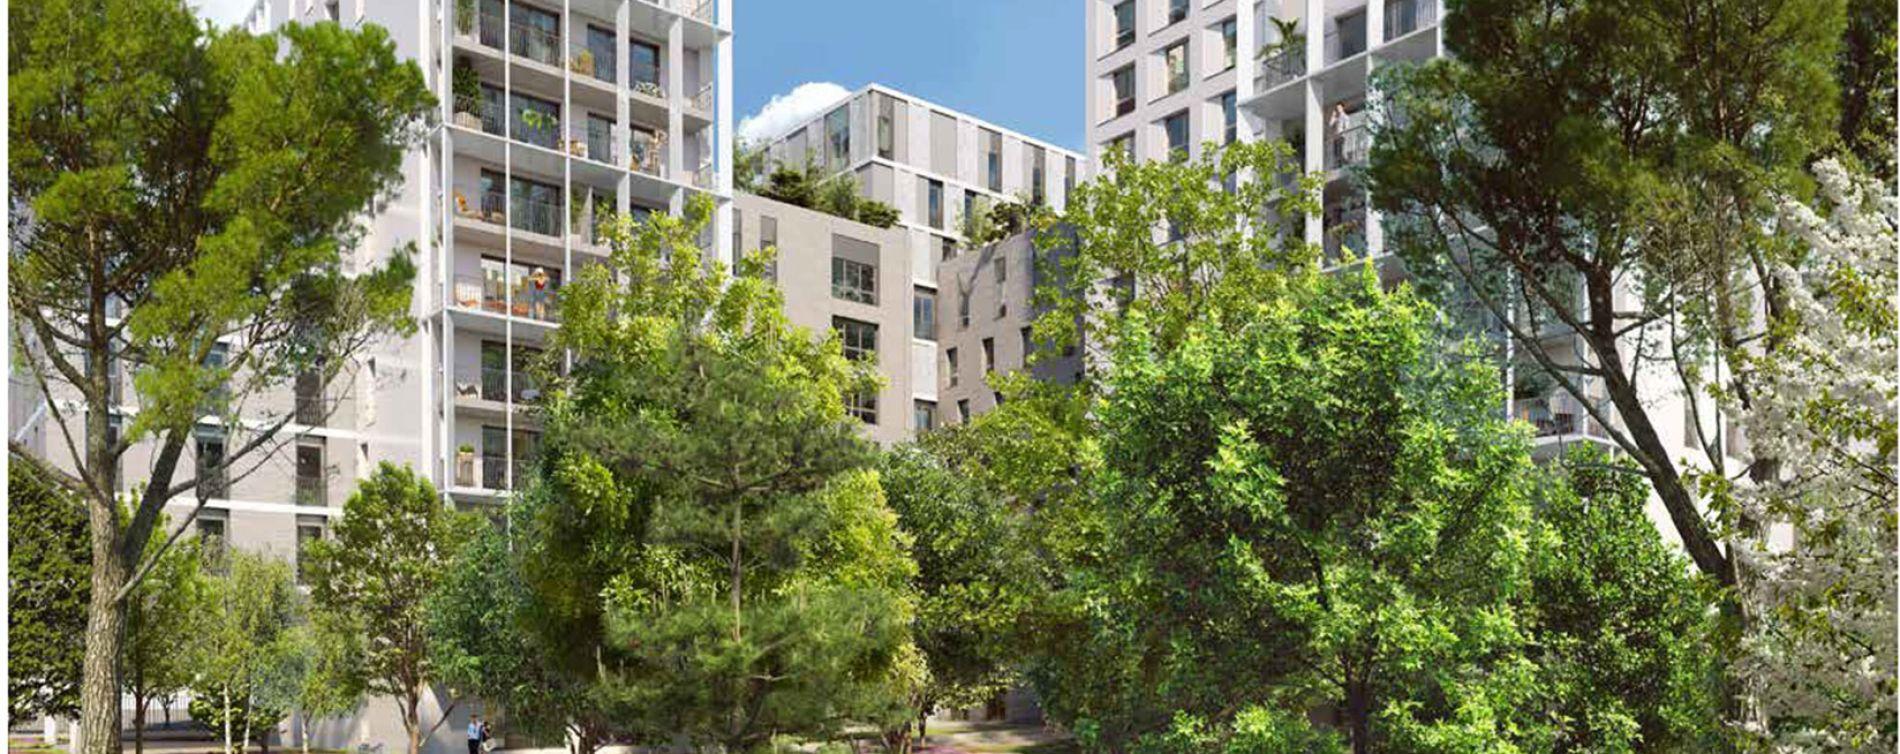 Résidence Atrium Seine à Clichy